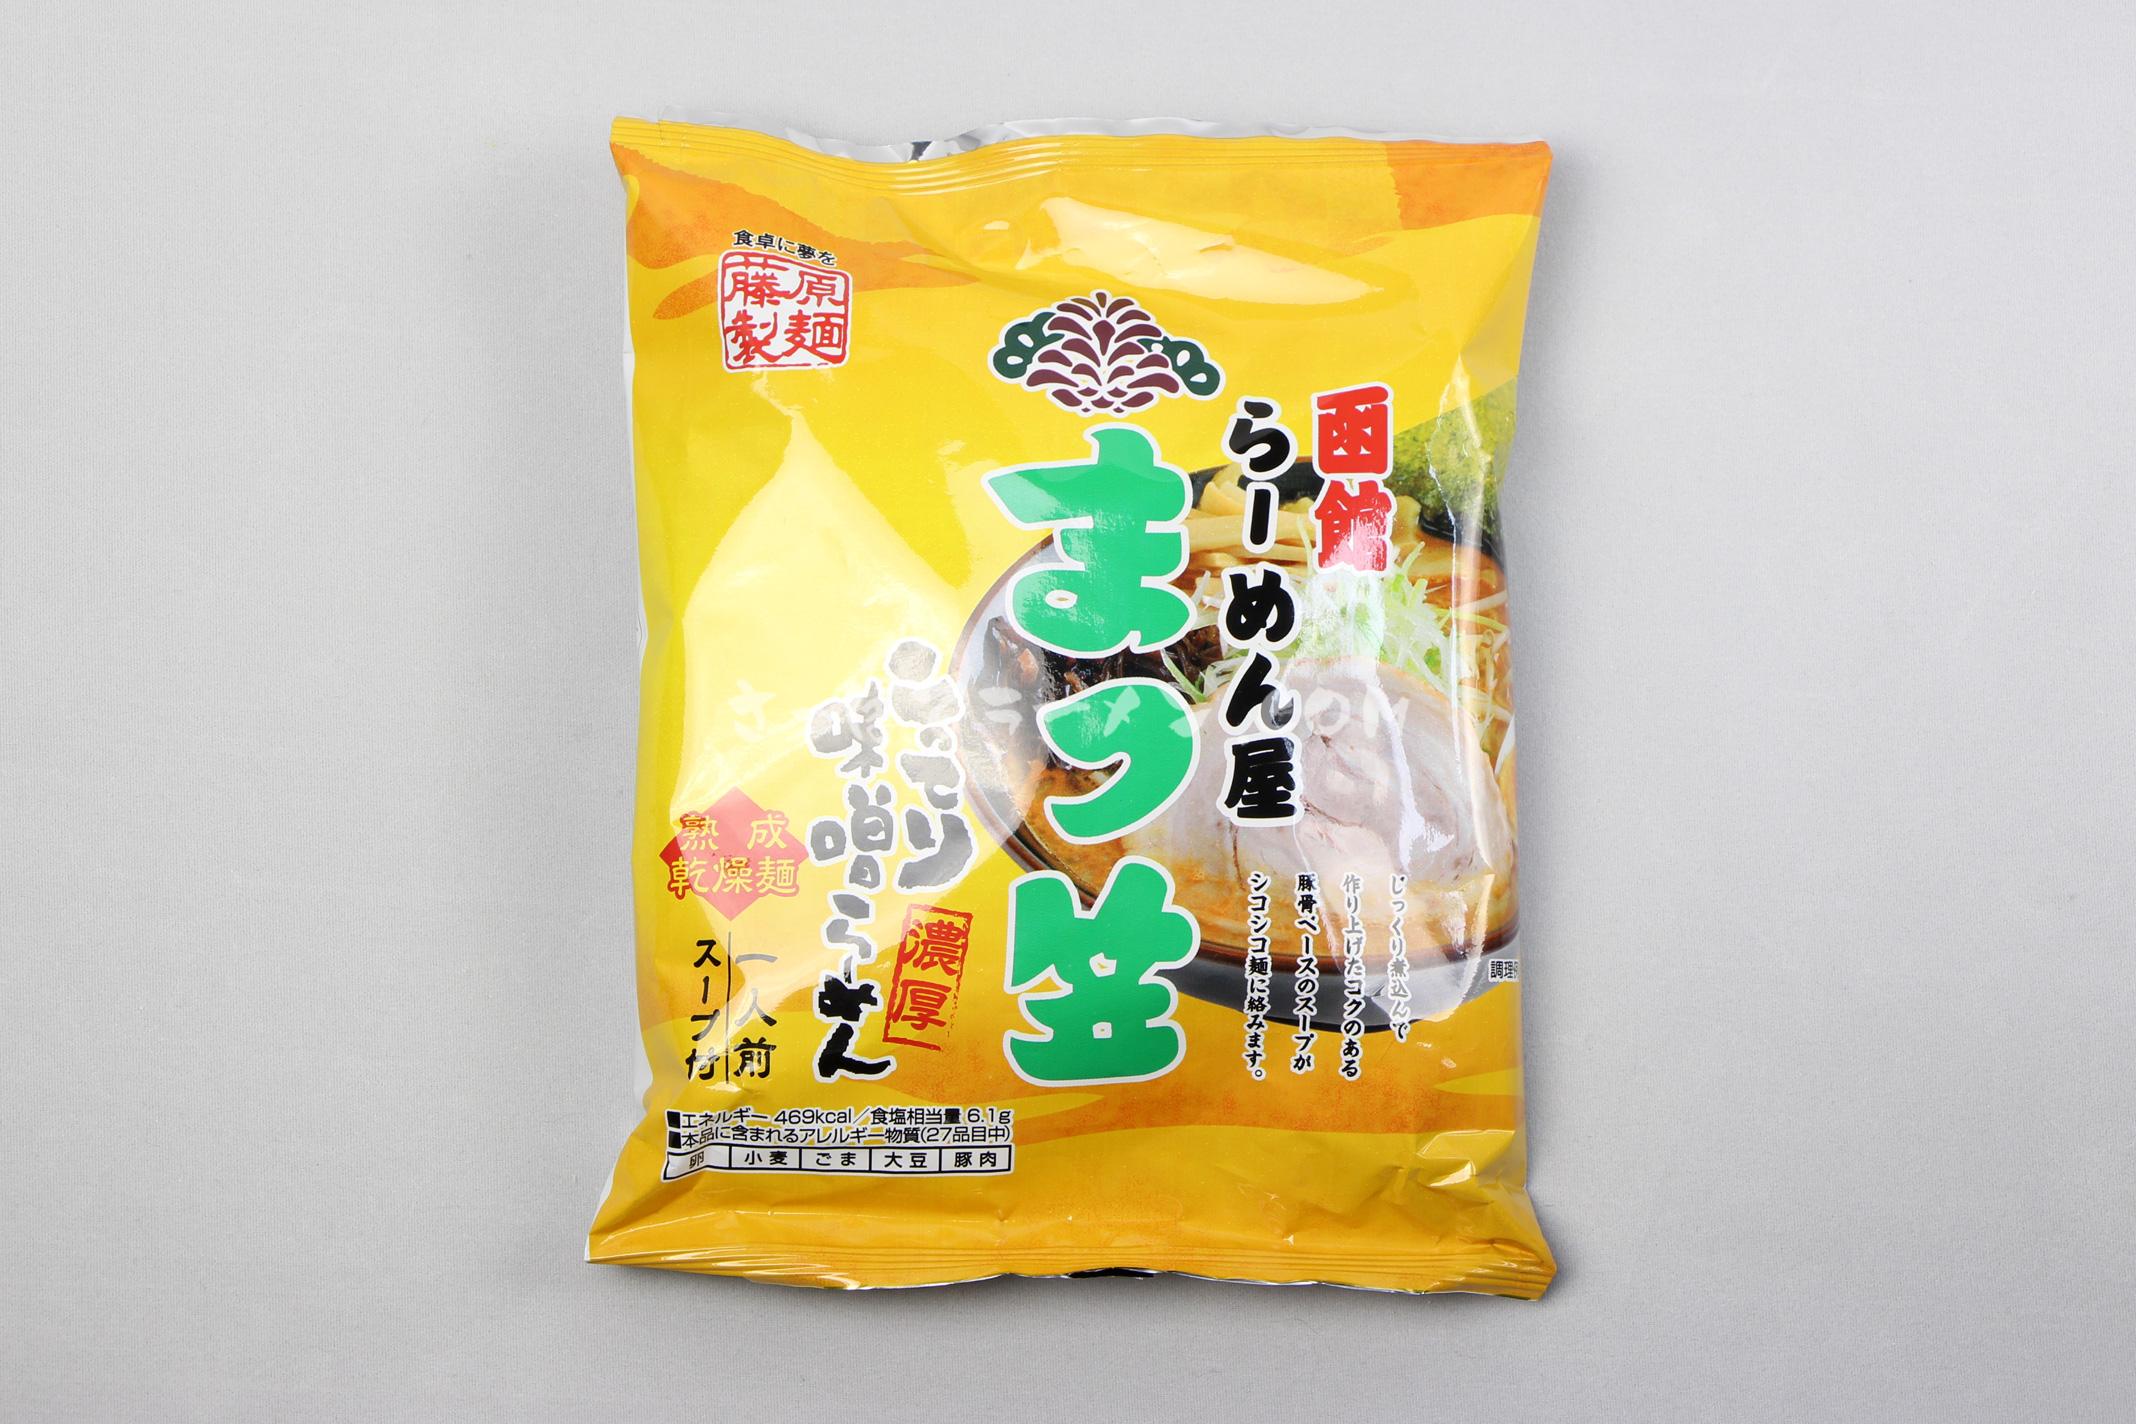 「函館らーめん屋 まつ笠 こってり味噌らーめん」(藤原製麺)のパッケージ(表)